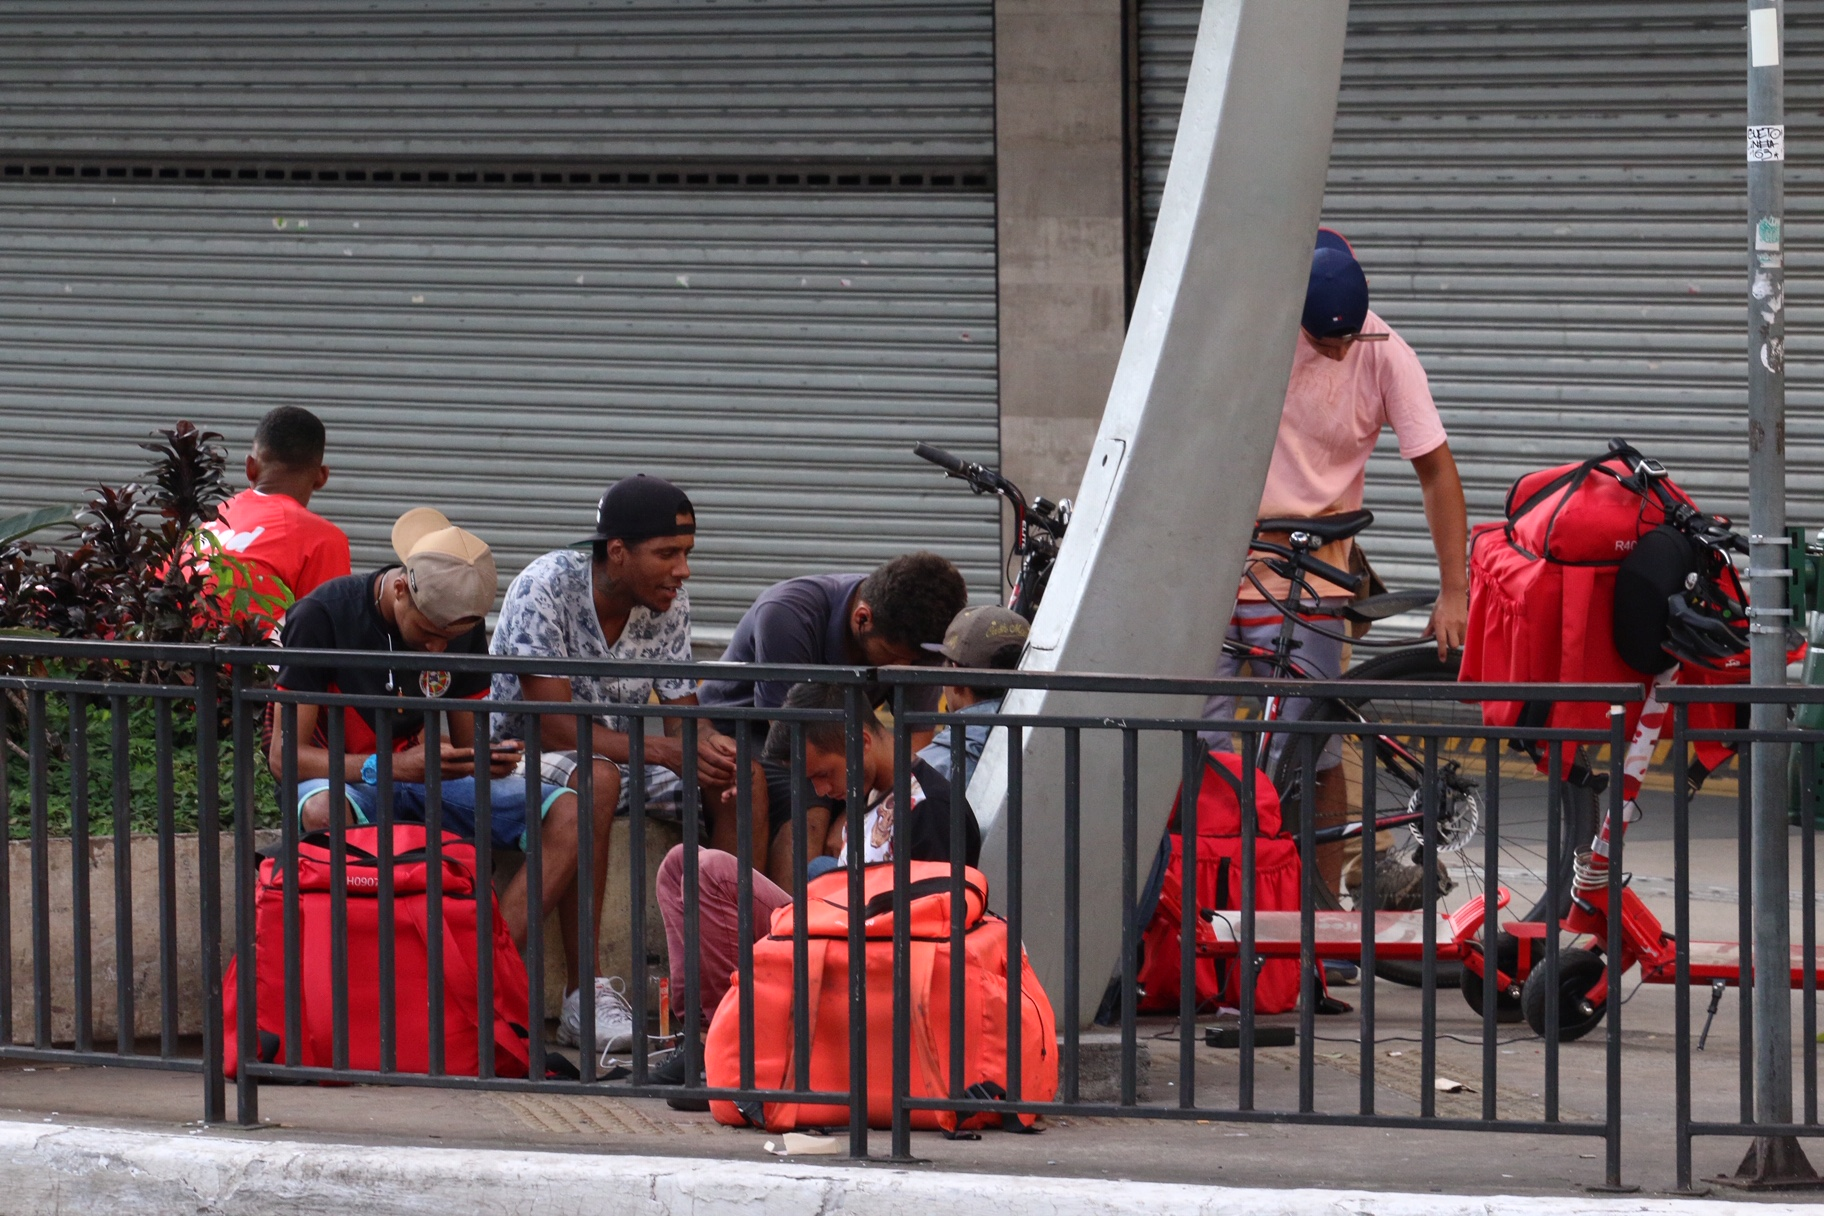 Entregadores nas ruas quase desertas de São Paulo semana passada: pandemia revela lado mais cruel da uberização (Foto: Ricardo Parizotti/Fotos Públicas)